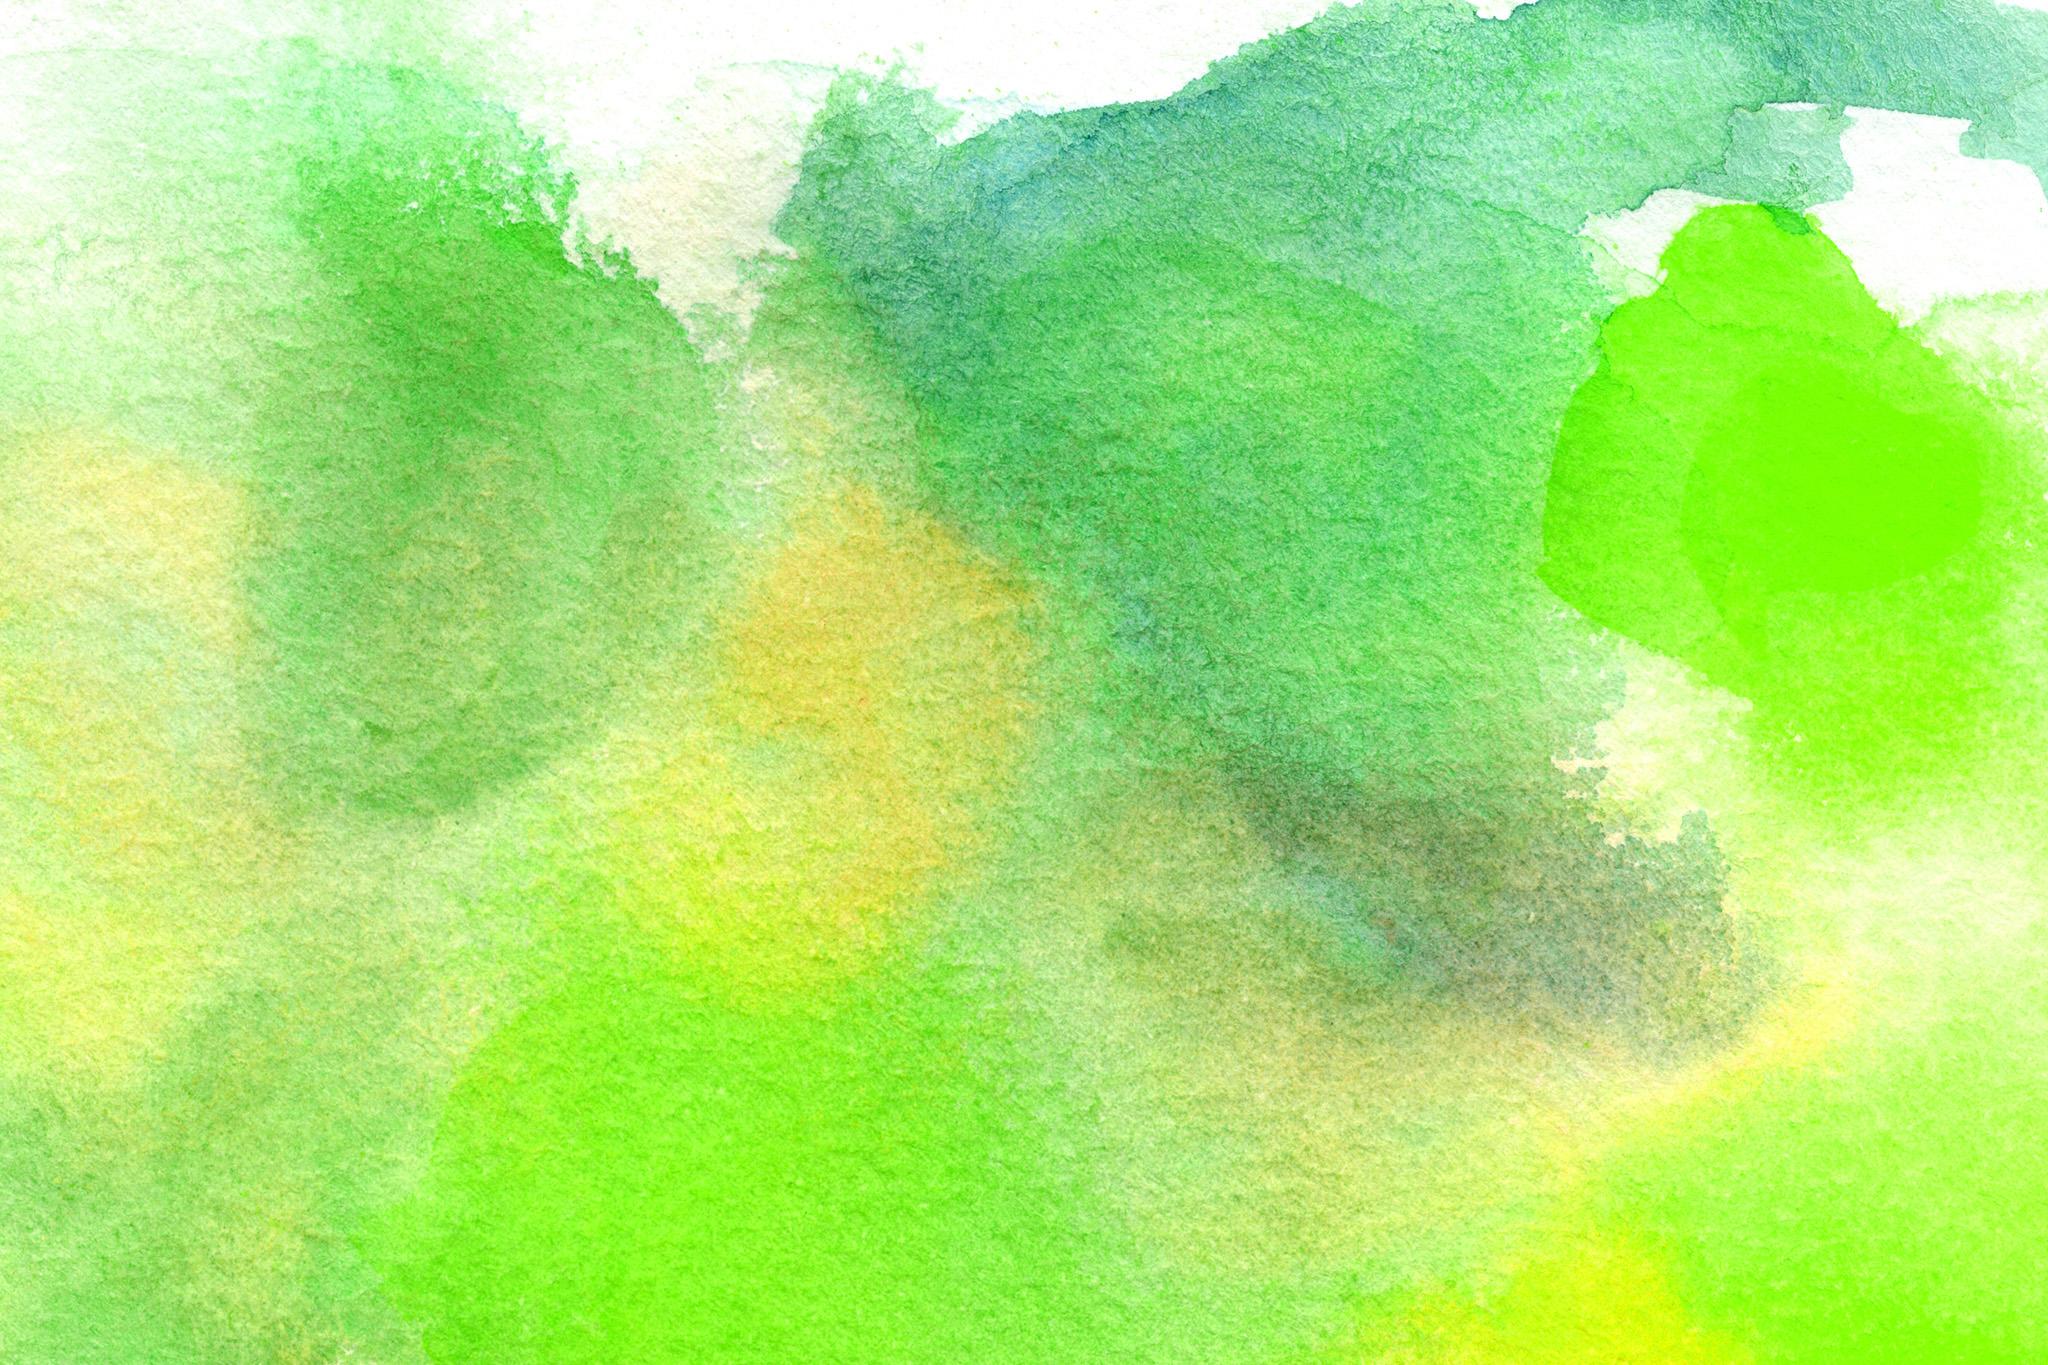 「緑色の水彩のテクスチャ」